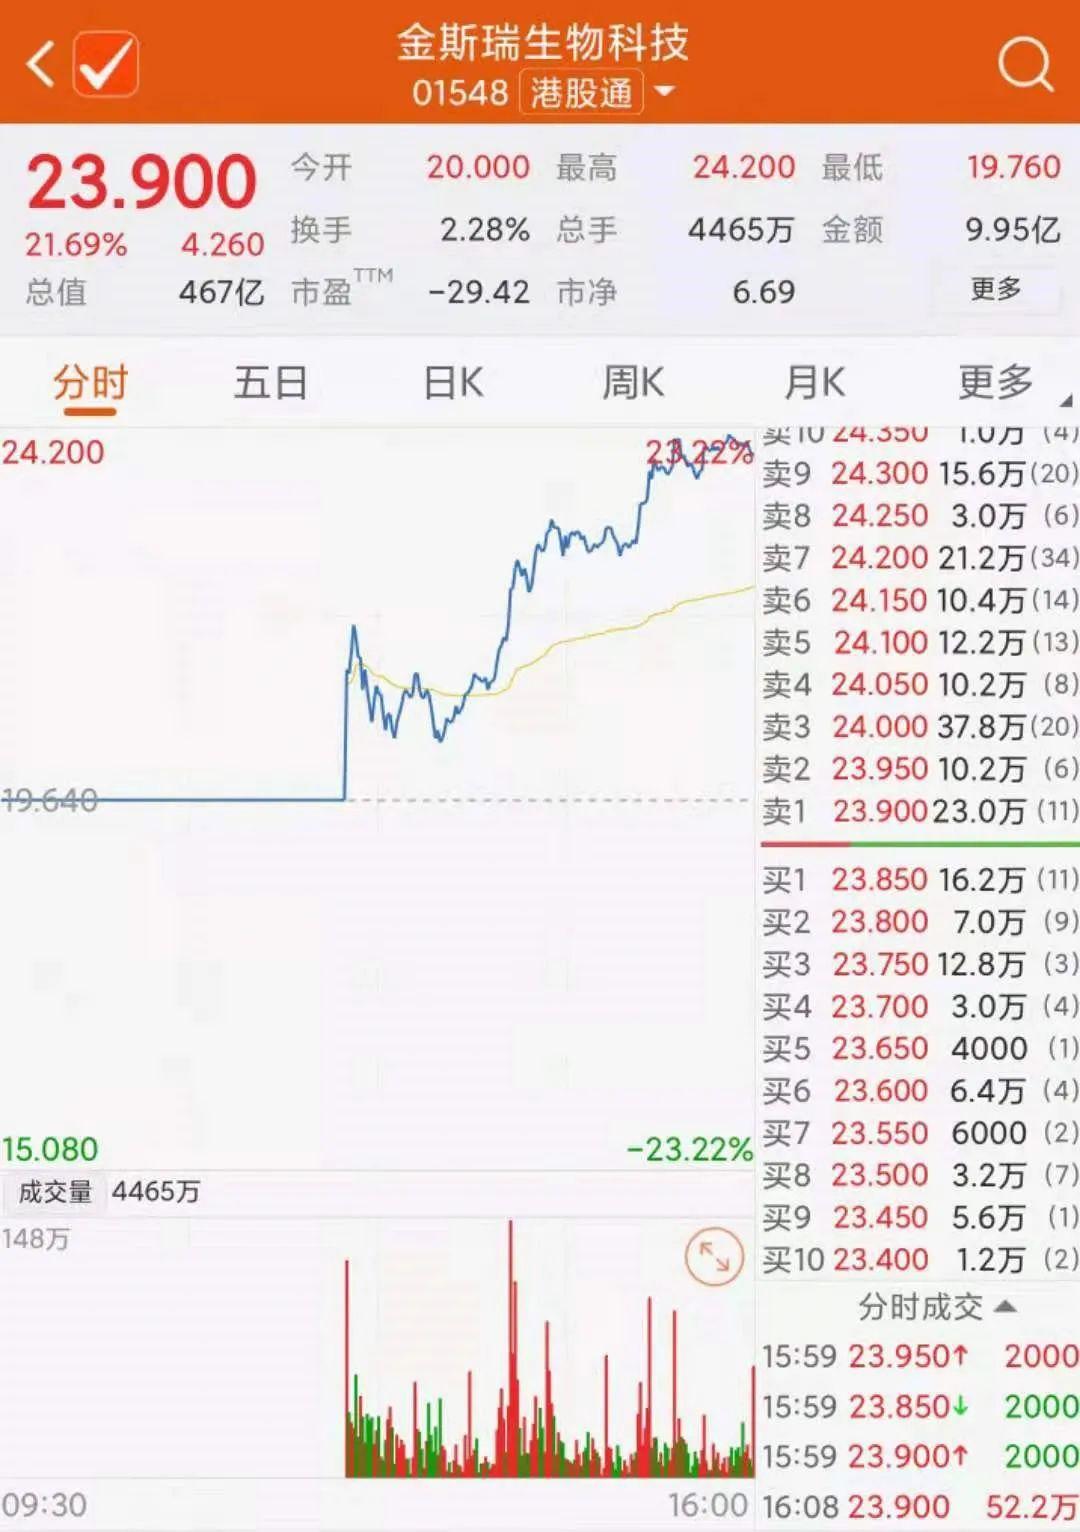 沐鸣2在线首页还是这个赛道 高瓴又出手了!豪掷80多亿 这家公司大涨超20%!